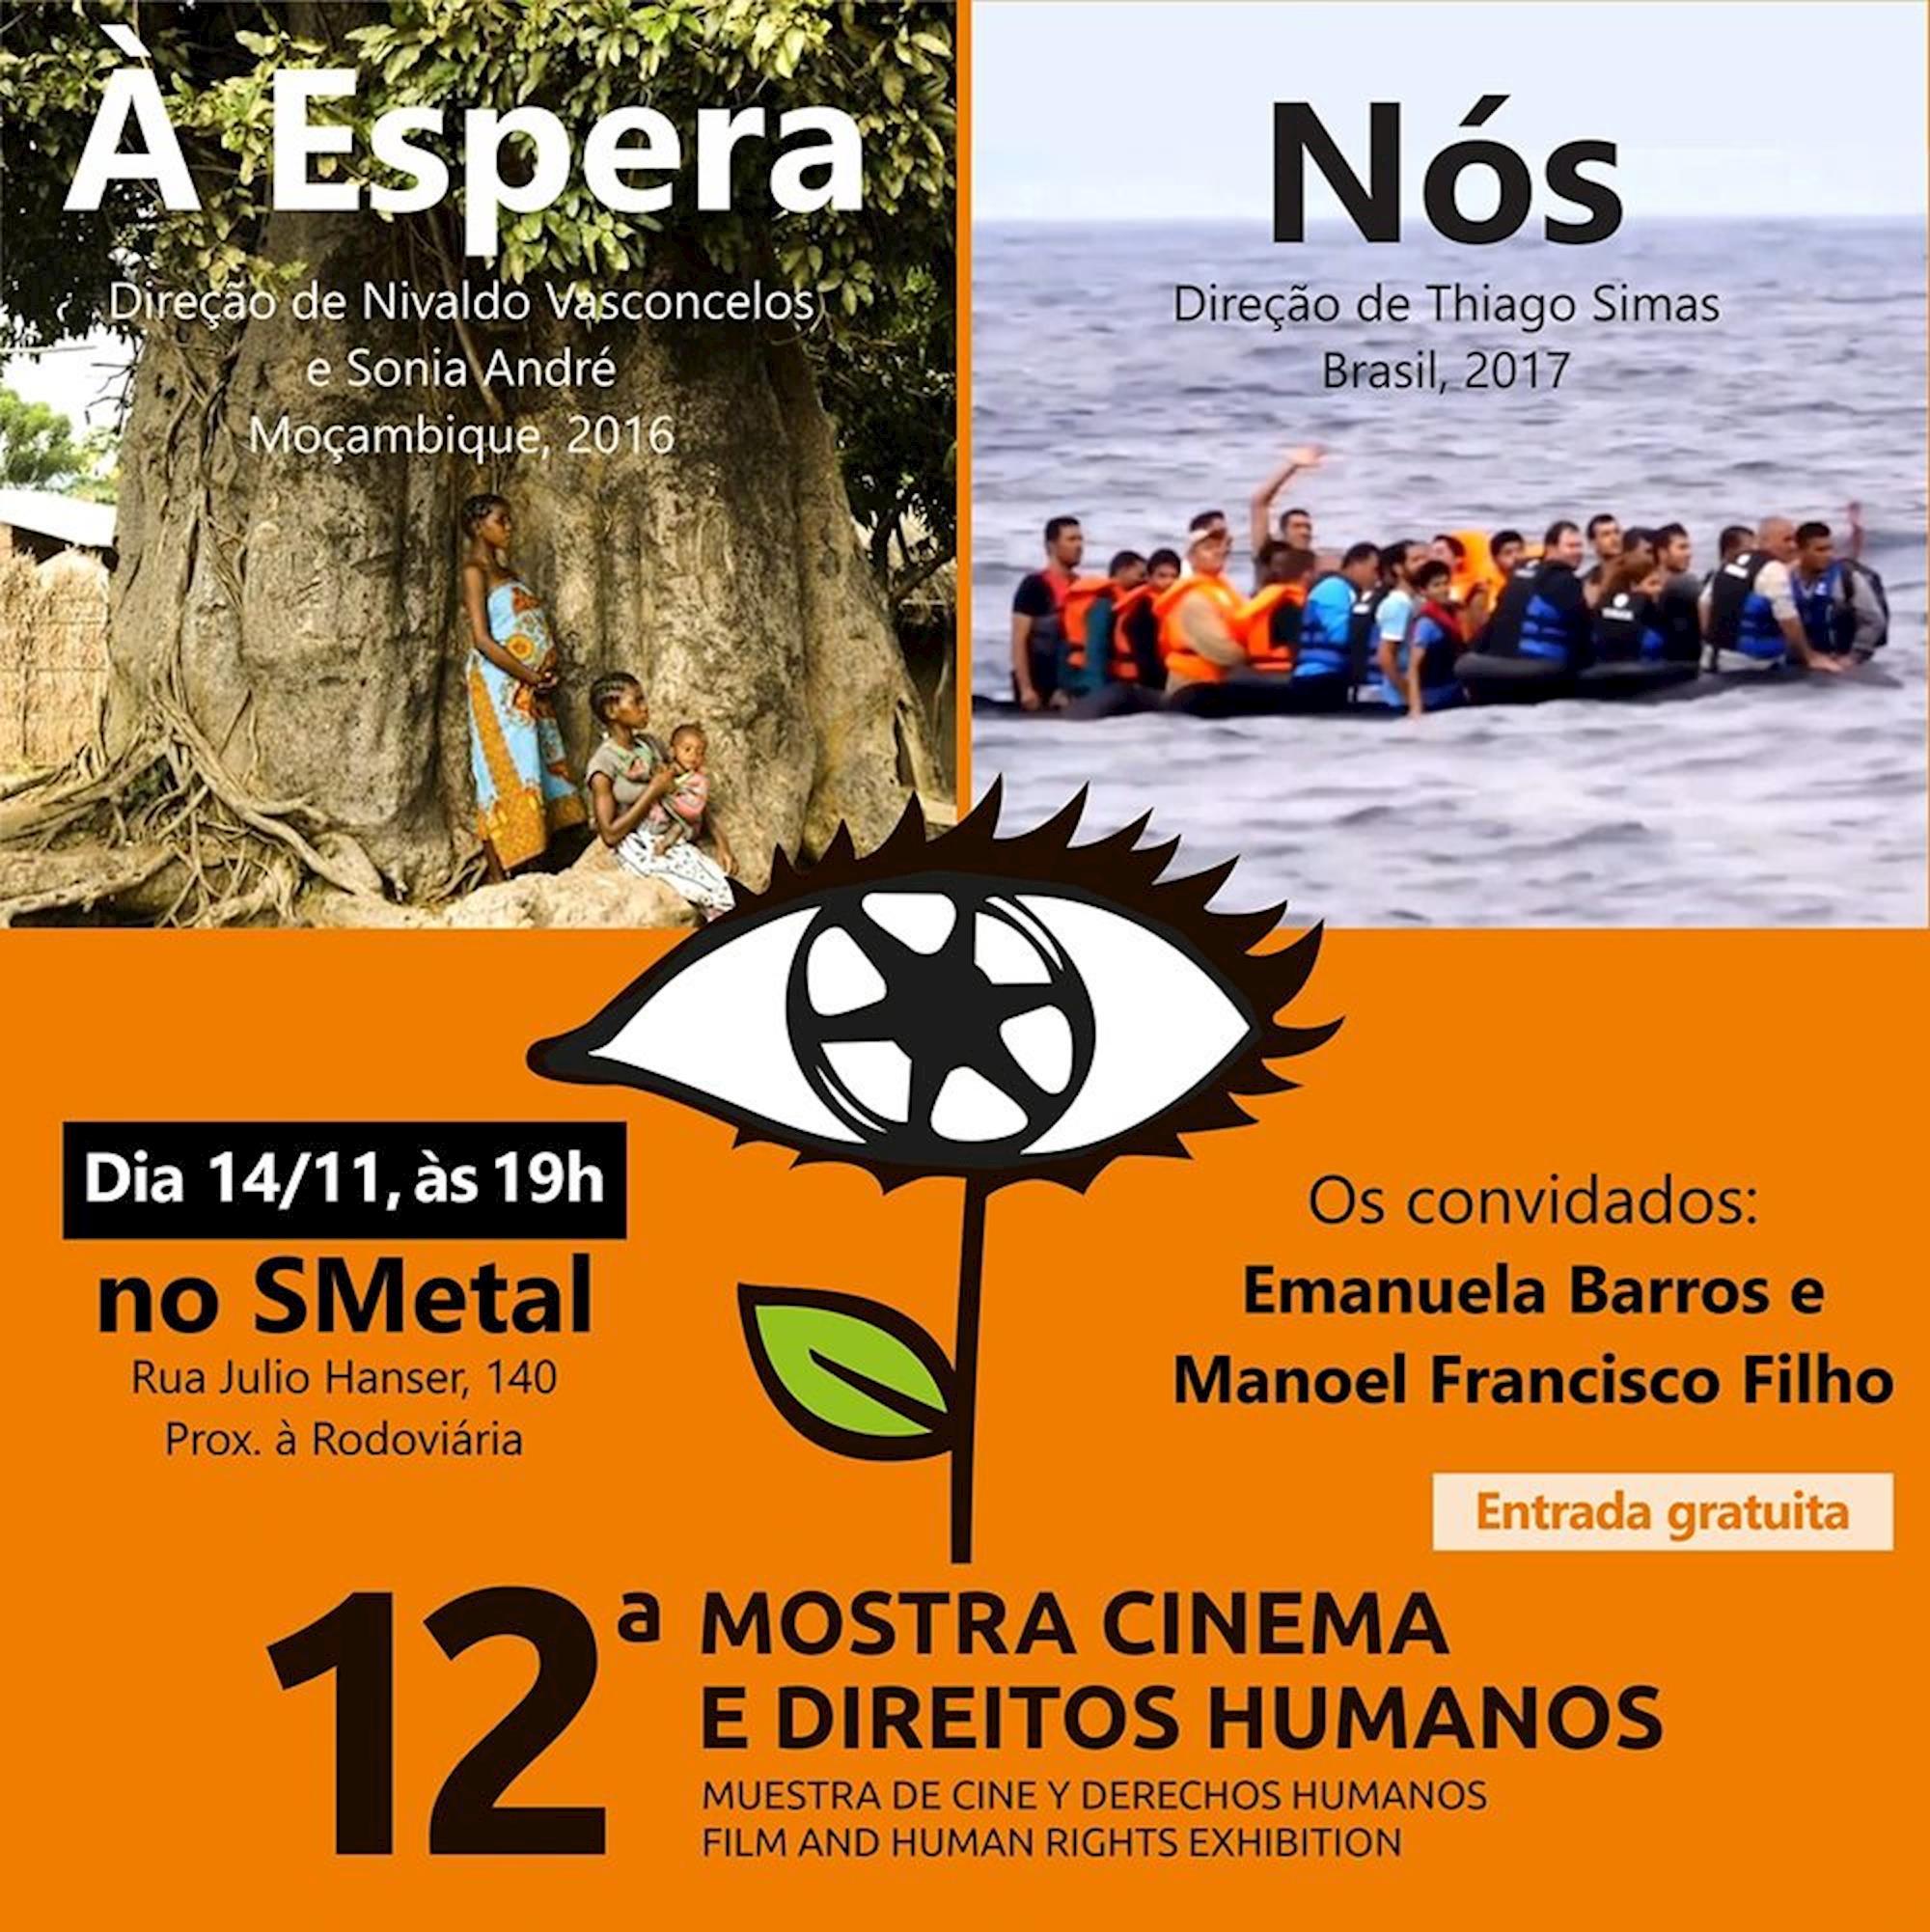 Mostra, Cinema, Direitos, Humanos, Divulgação